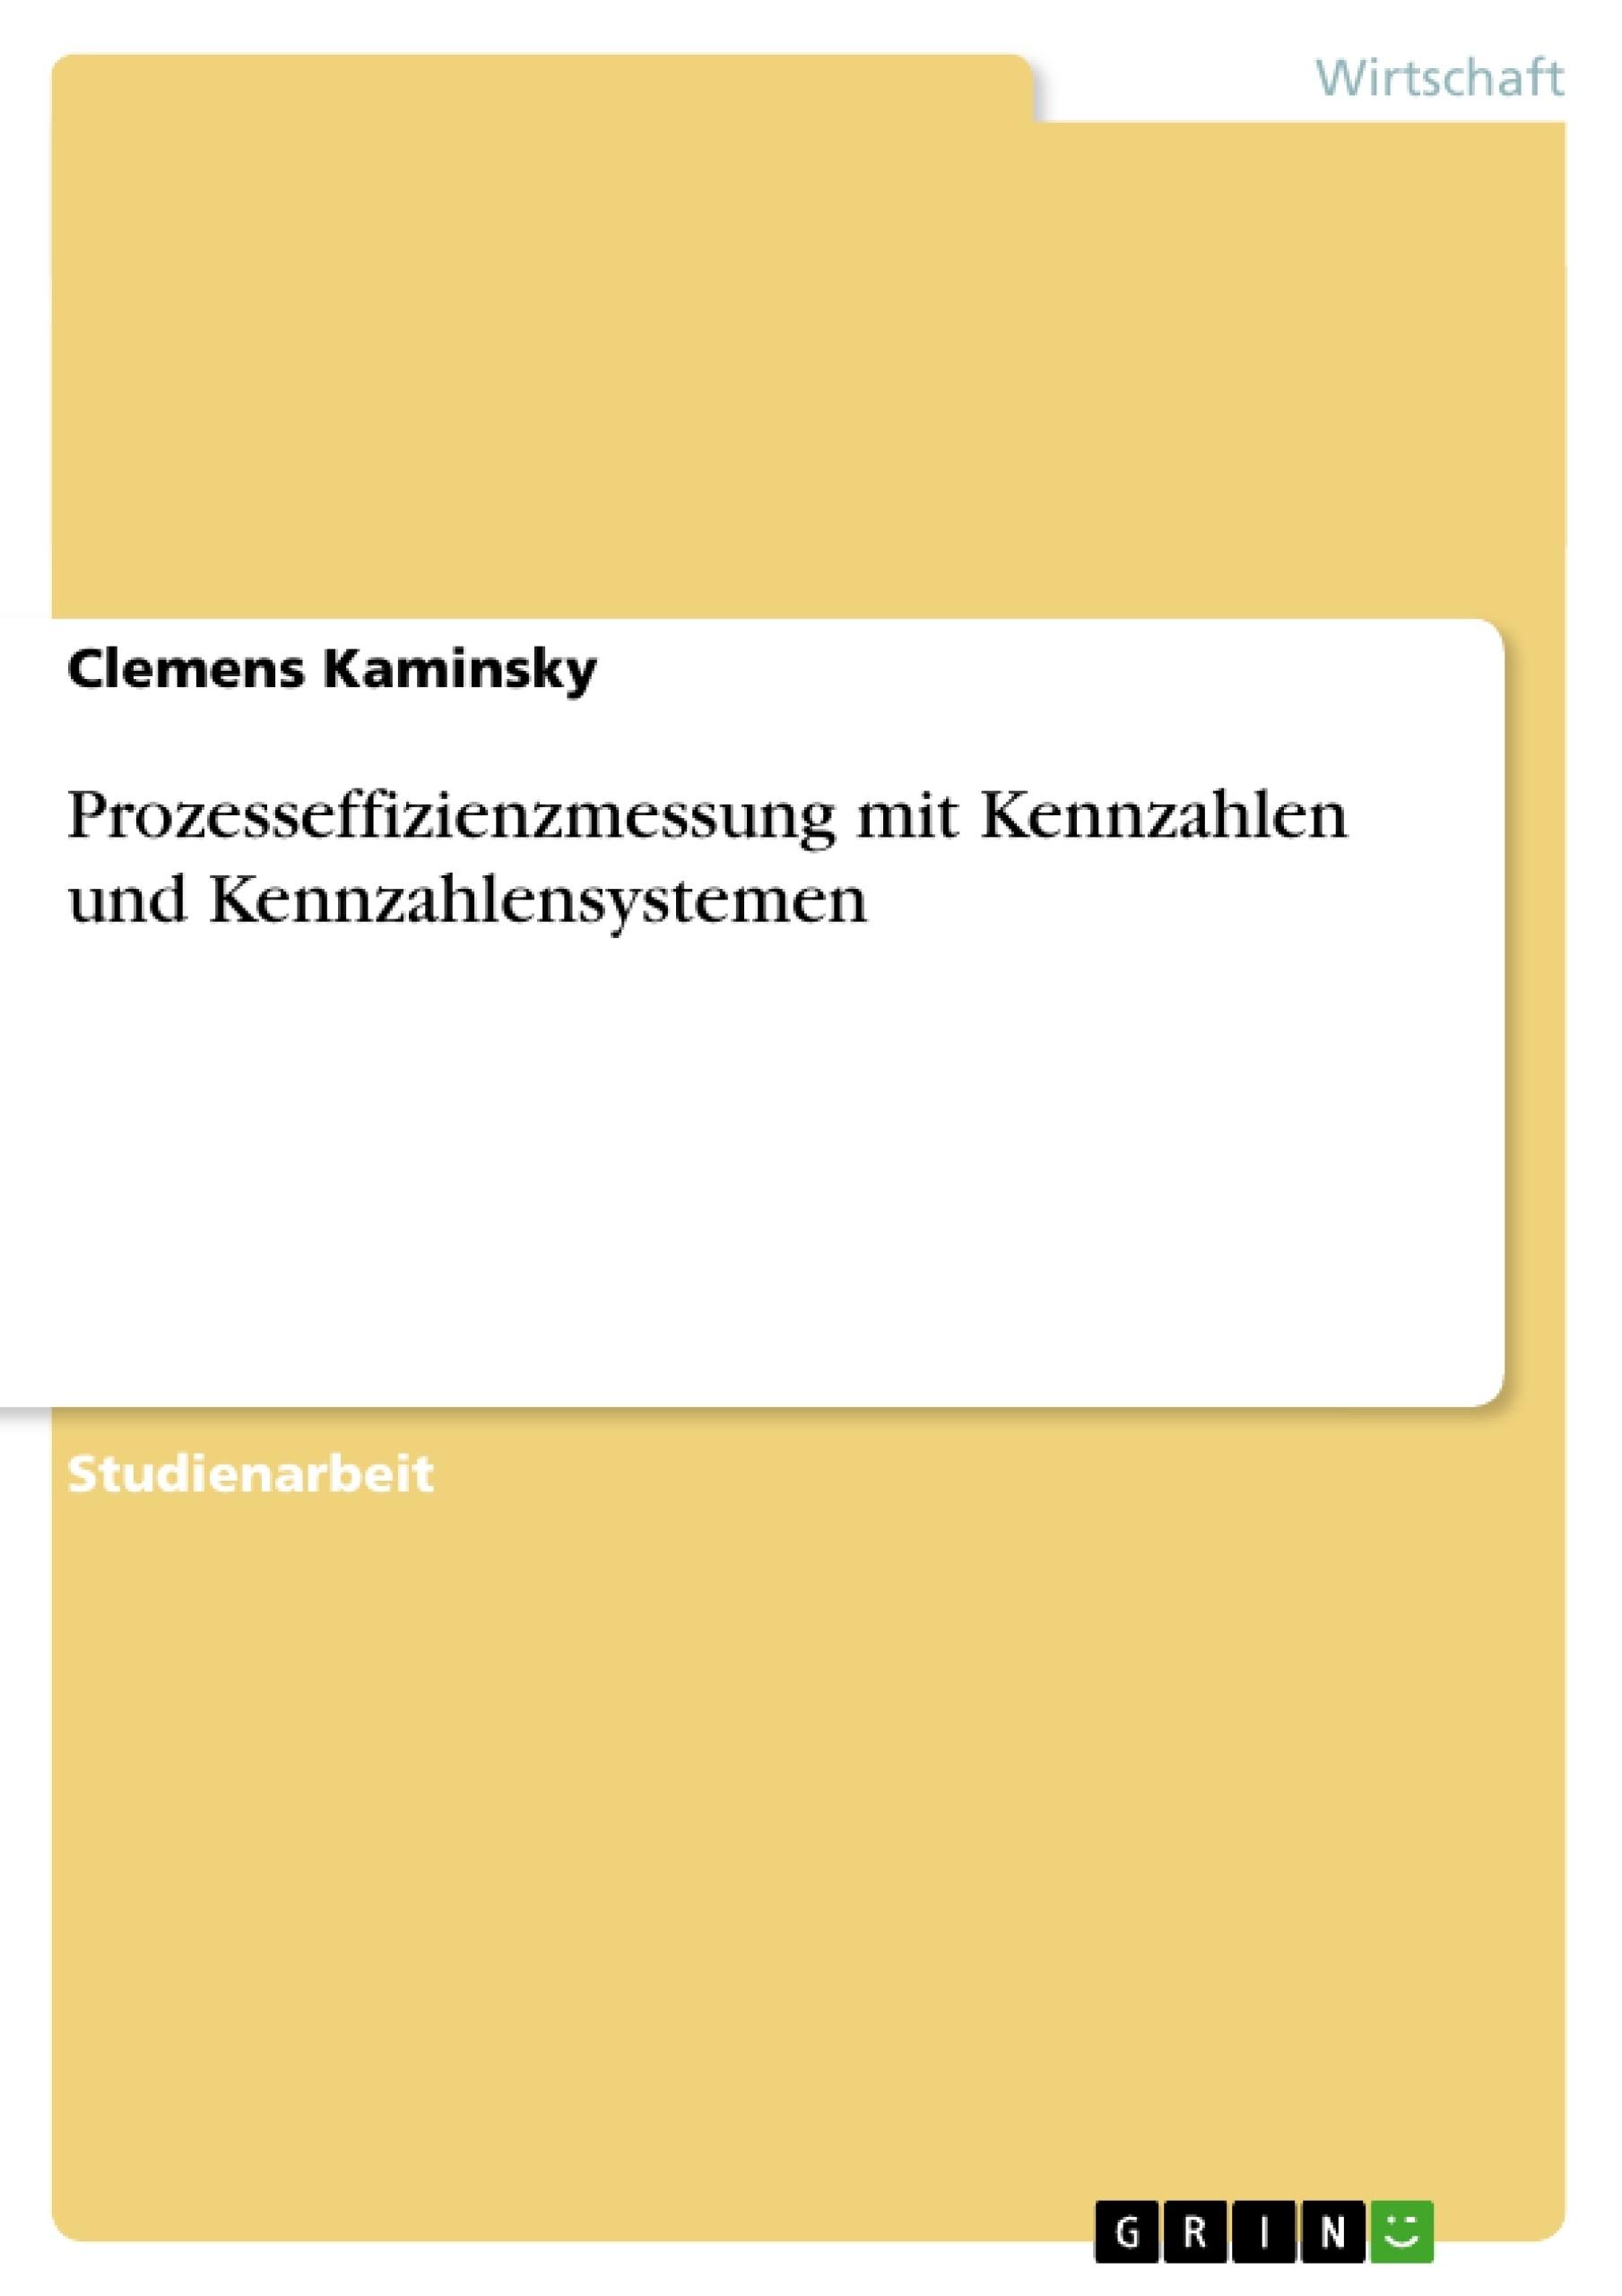 Titel: Prozesseffizienzmessung mit Kennzahlen und Kennzahlensystemen